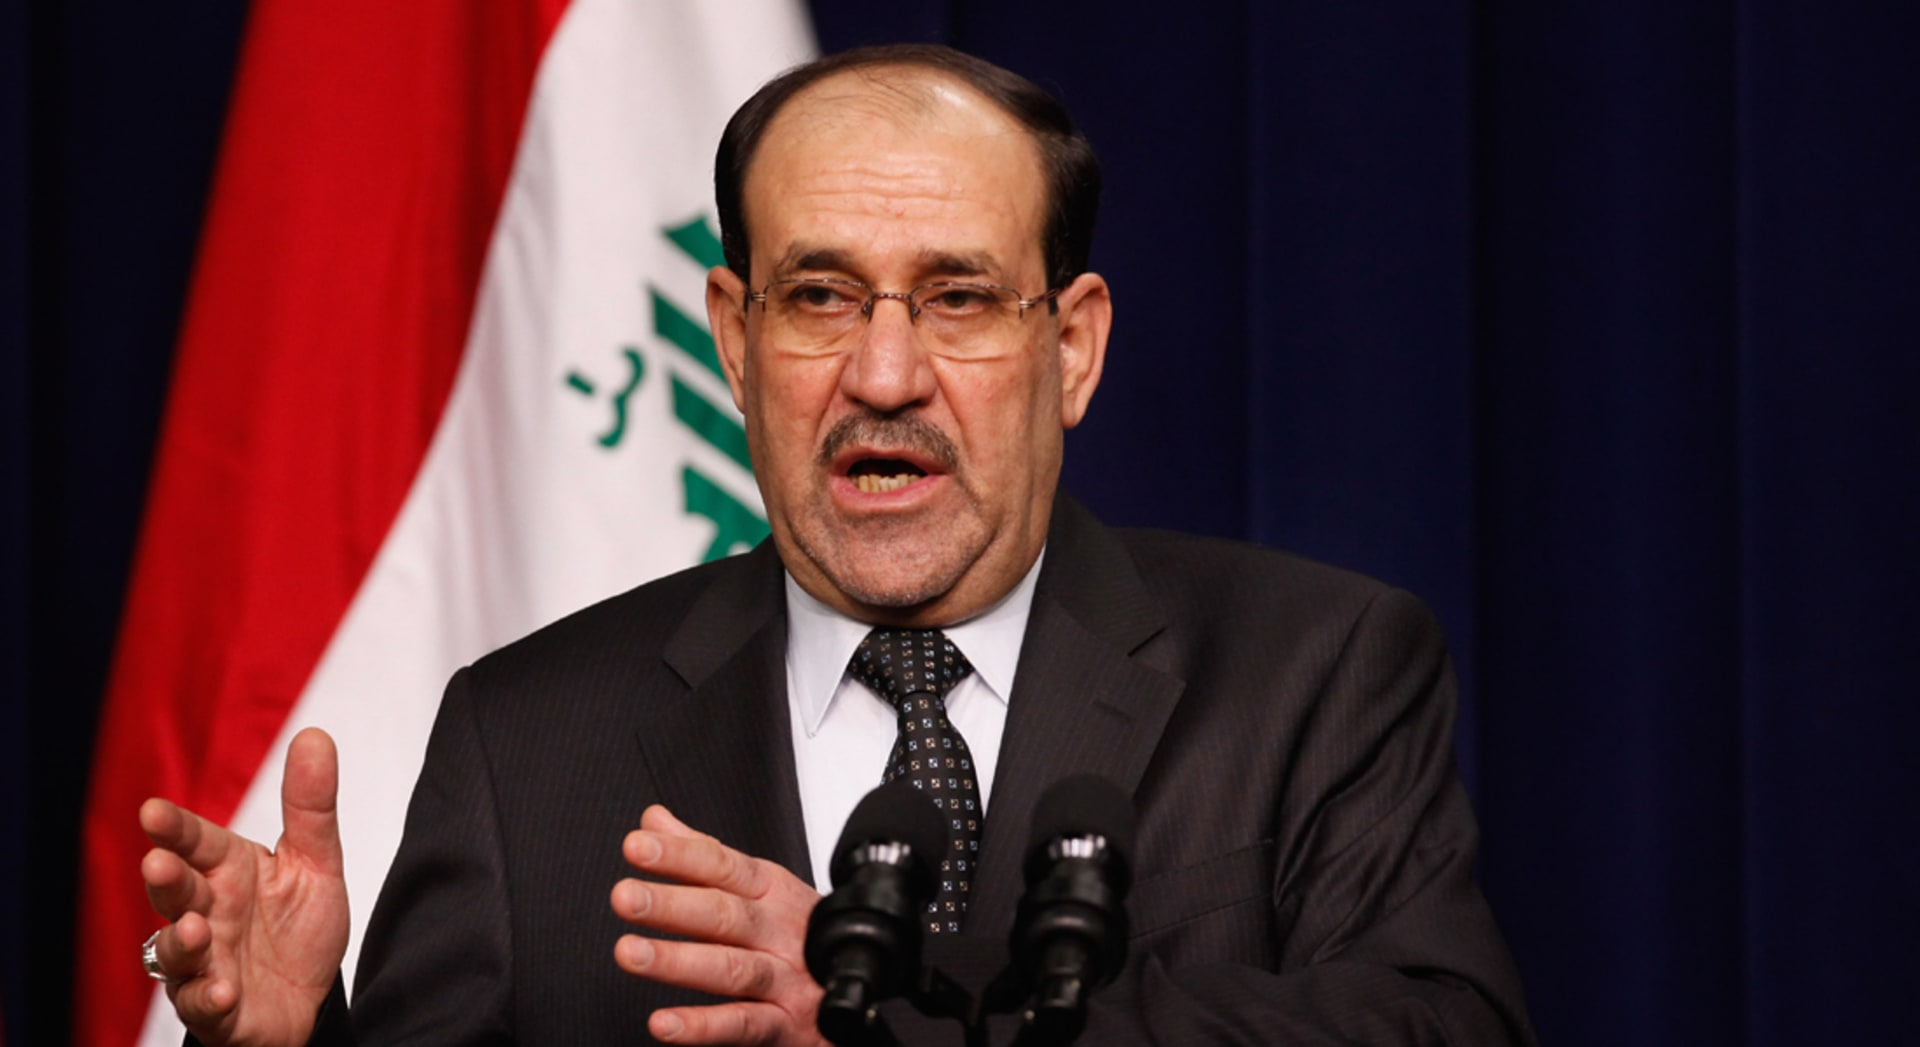 استقالة مفوضية الانتخابات العراقية.. وشكوى ضد المالكي بقمة الكويت